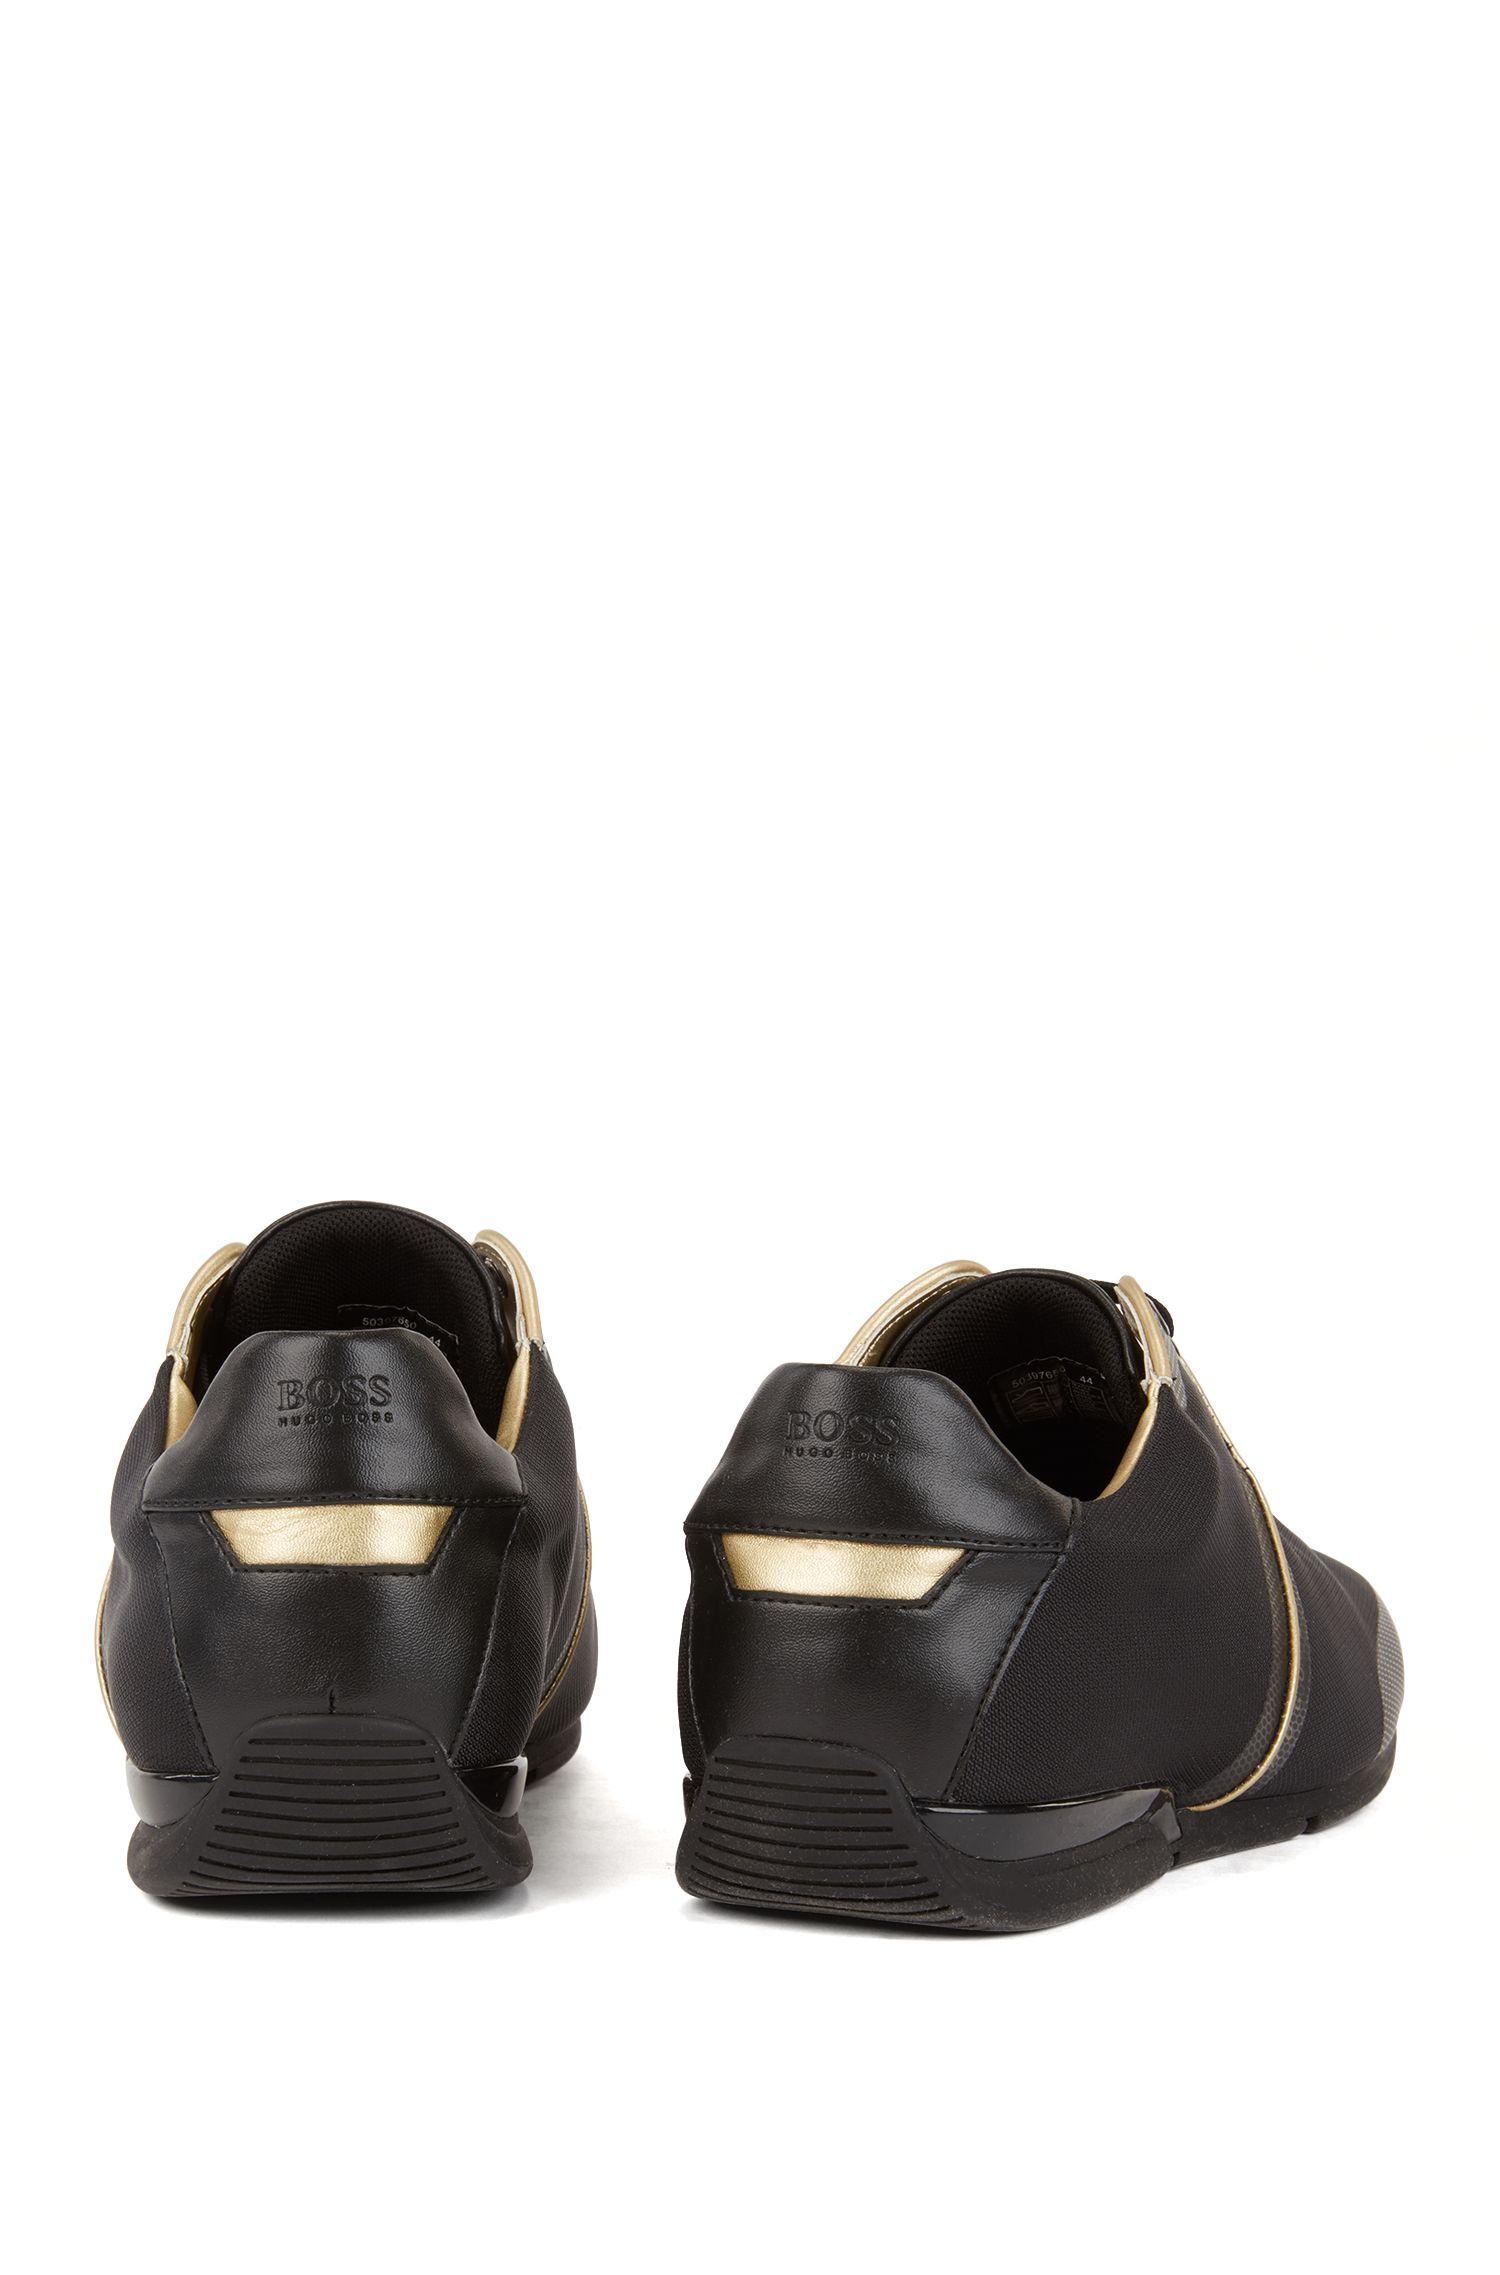 Strukturierte Lowtop Sneakers